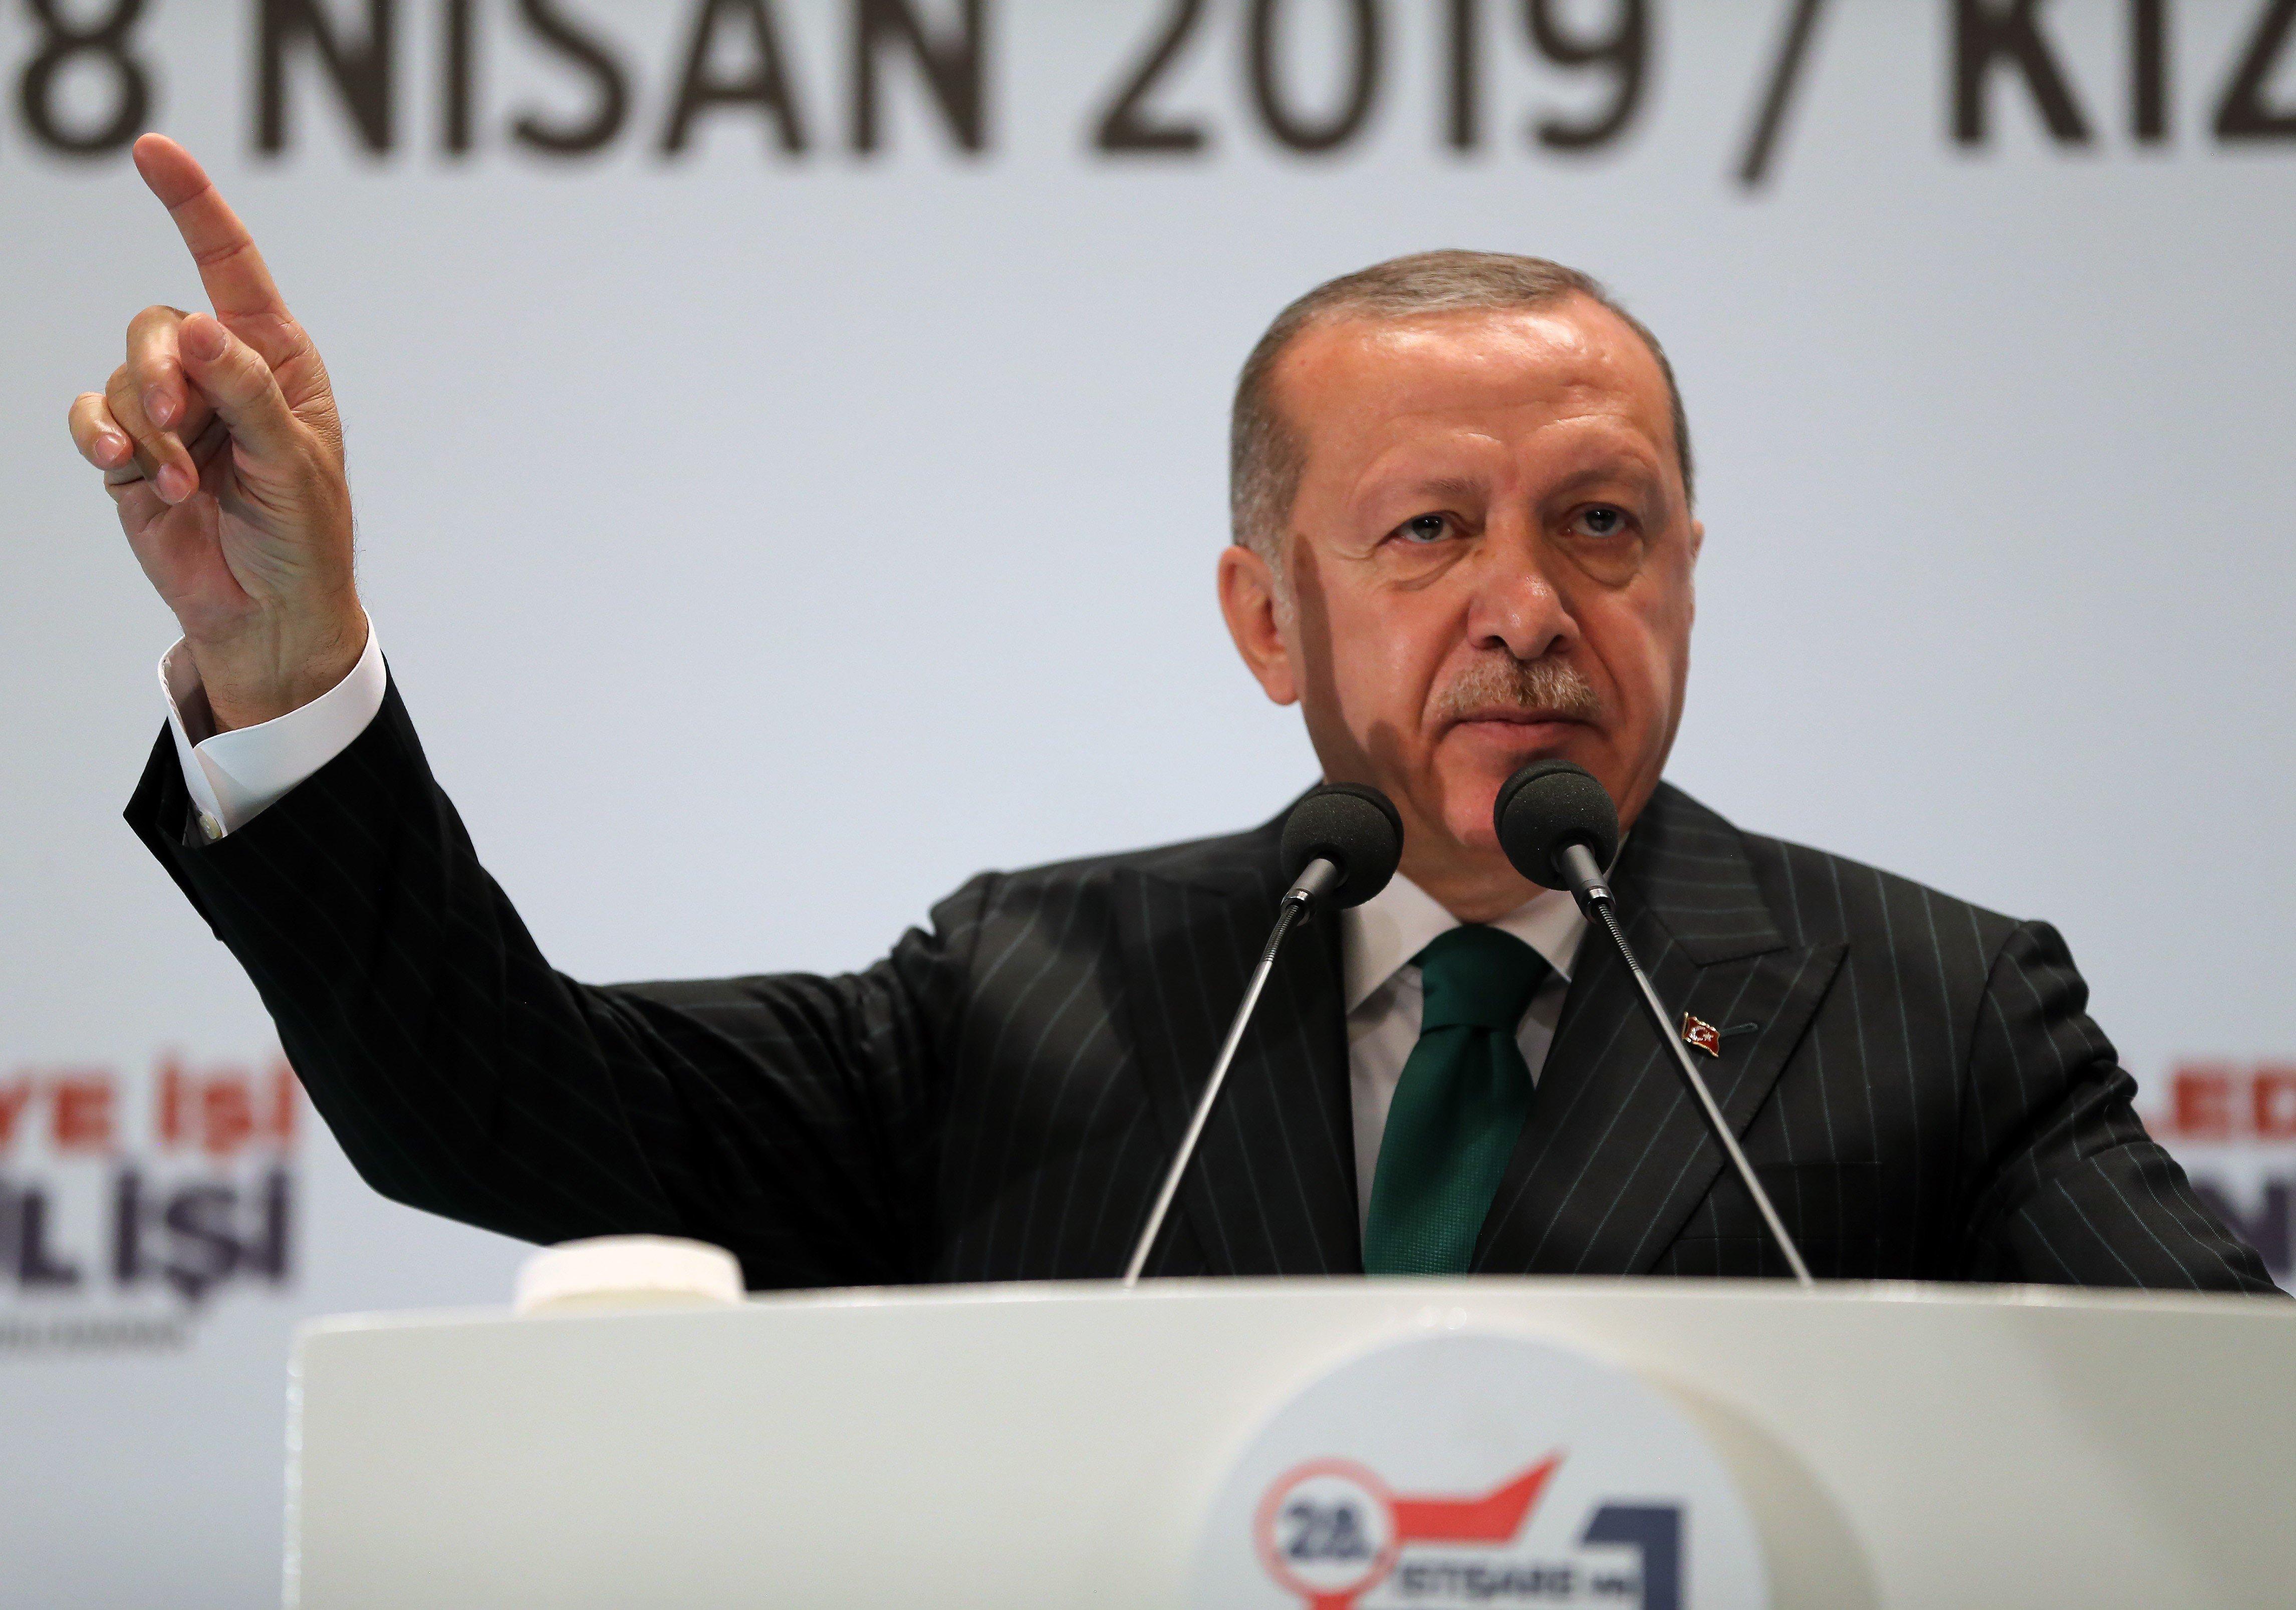 Τουρκία: Εχθρούς εκ των έσω βλέπει ο Ερντογάν πίσω από τις εκλογικές